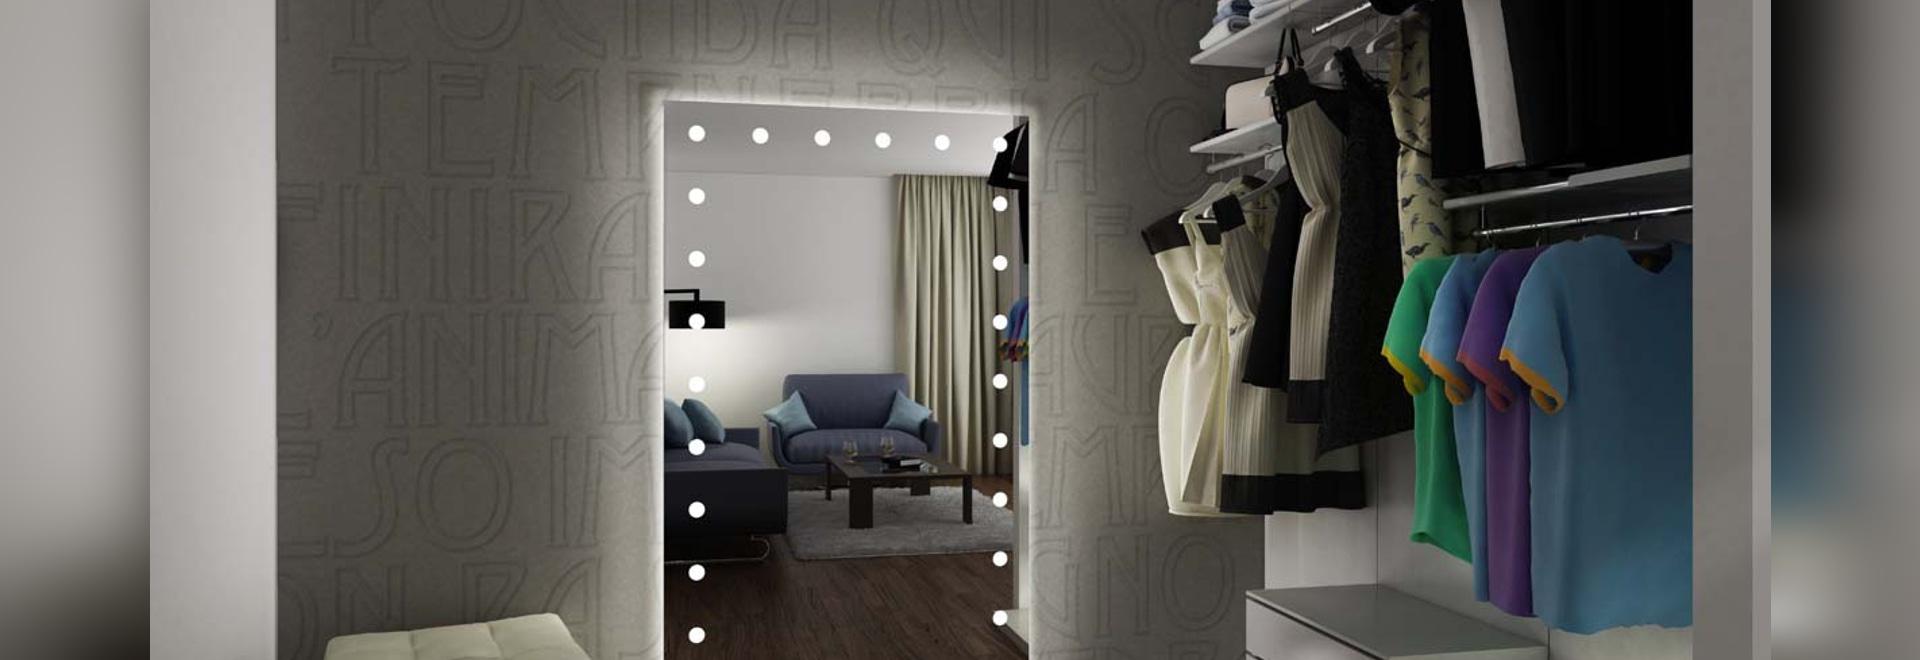 Miroirs éclairés UNICA